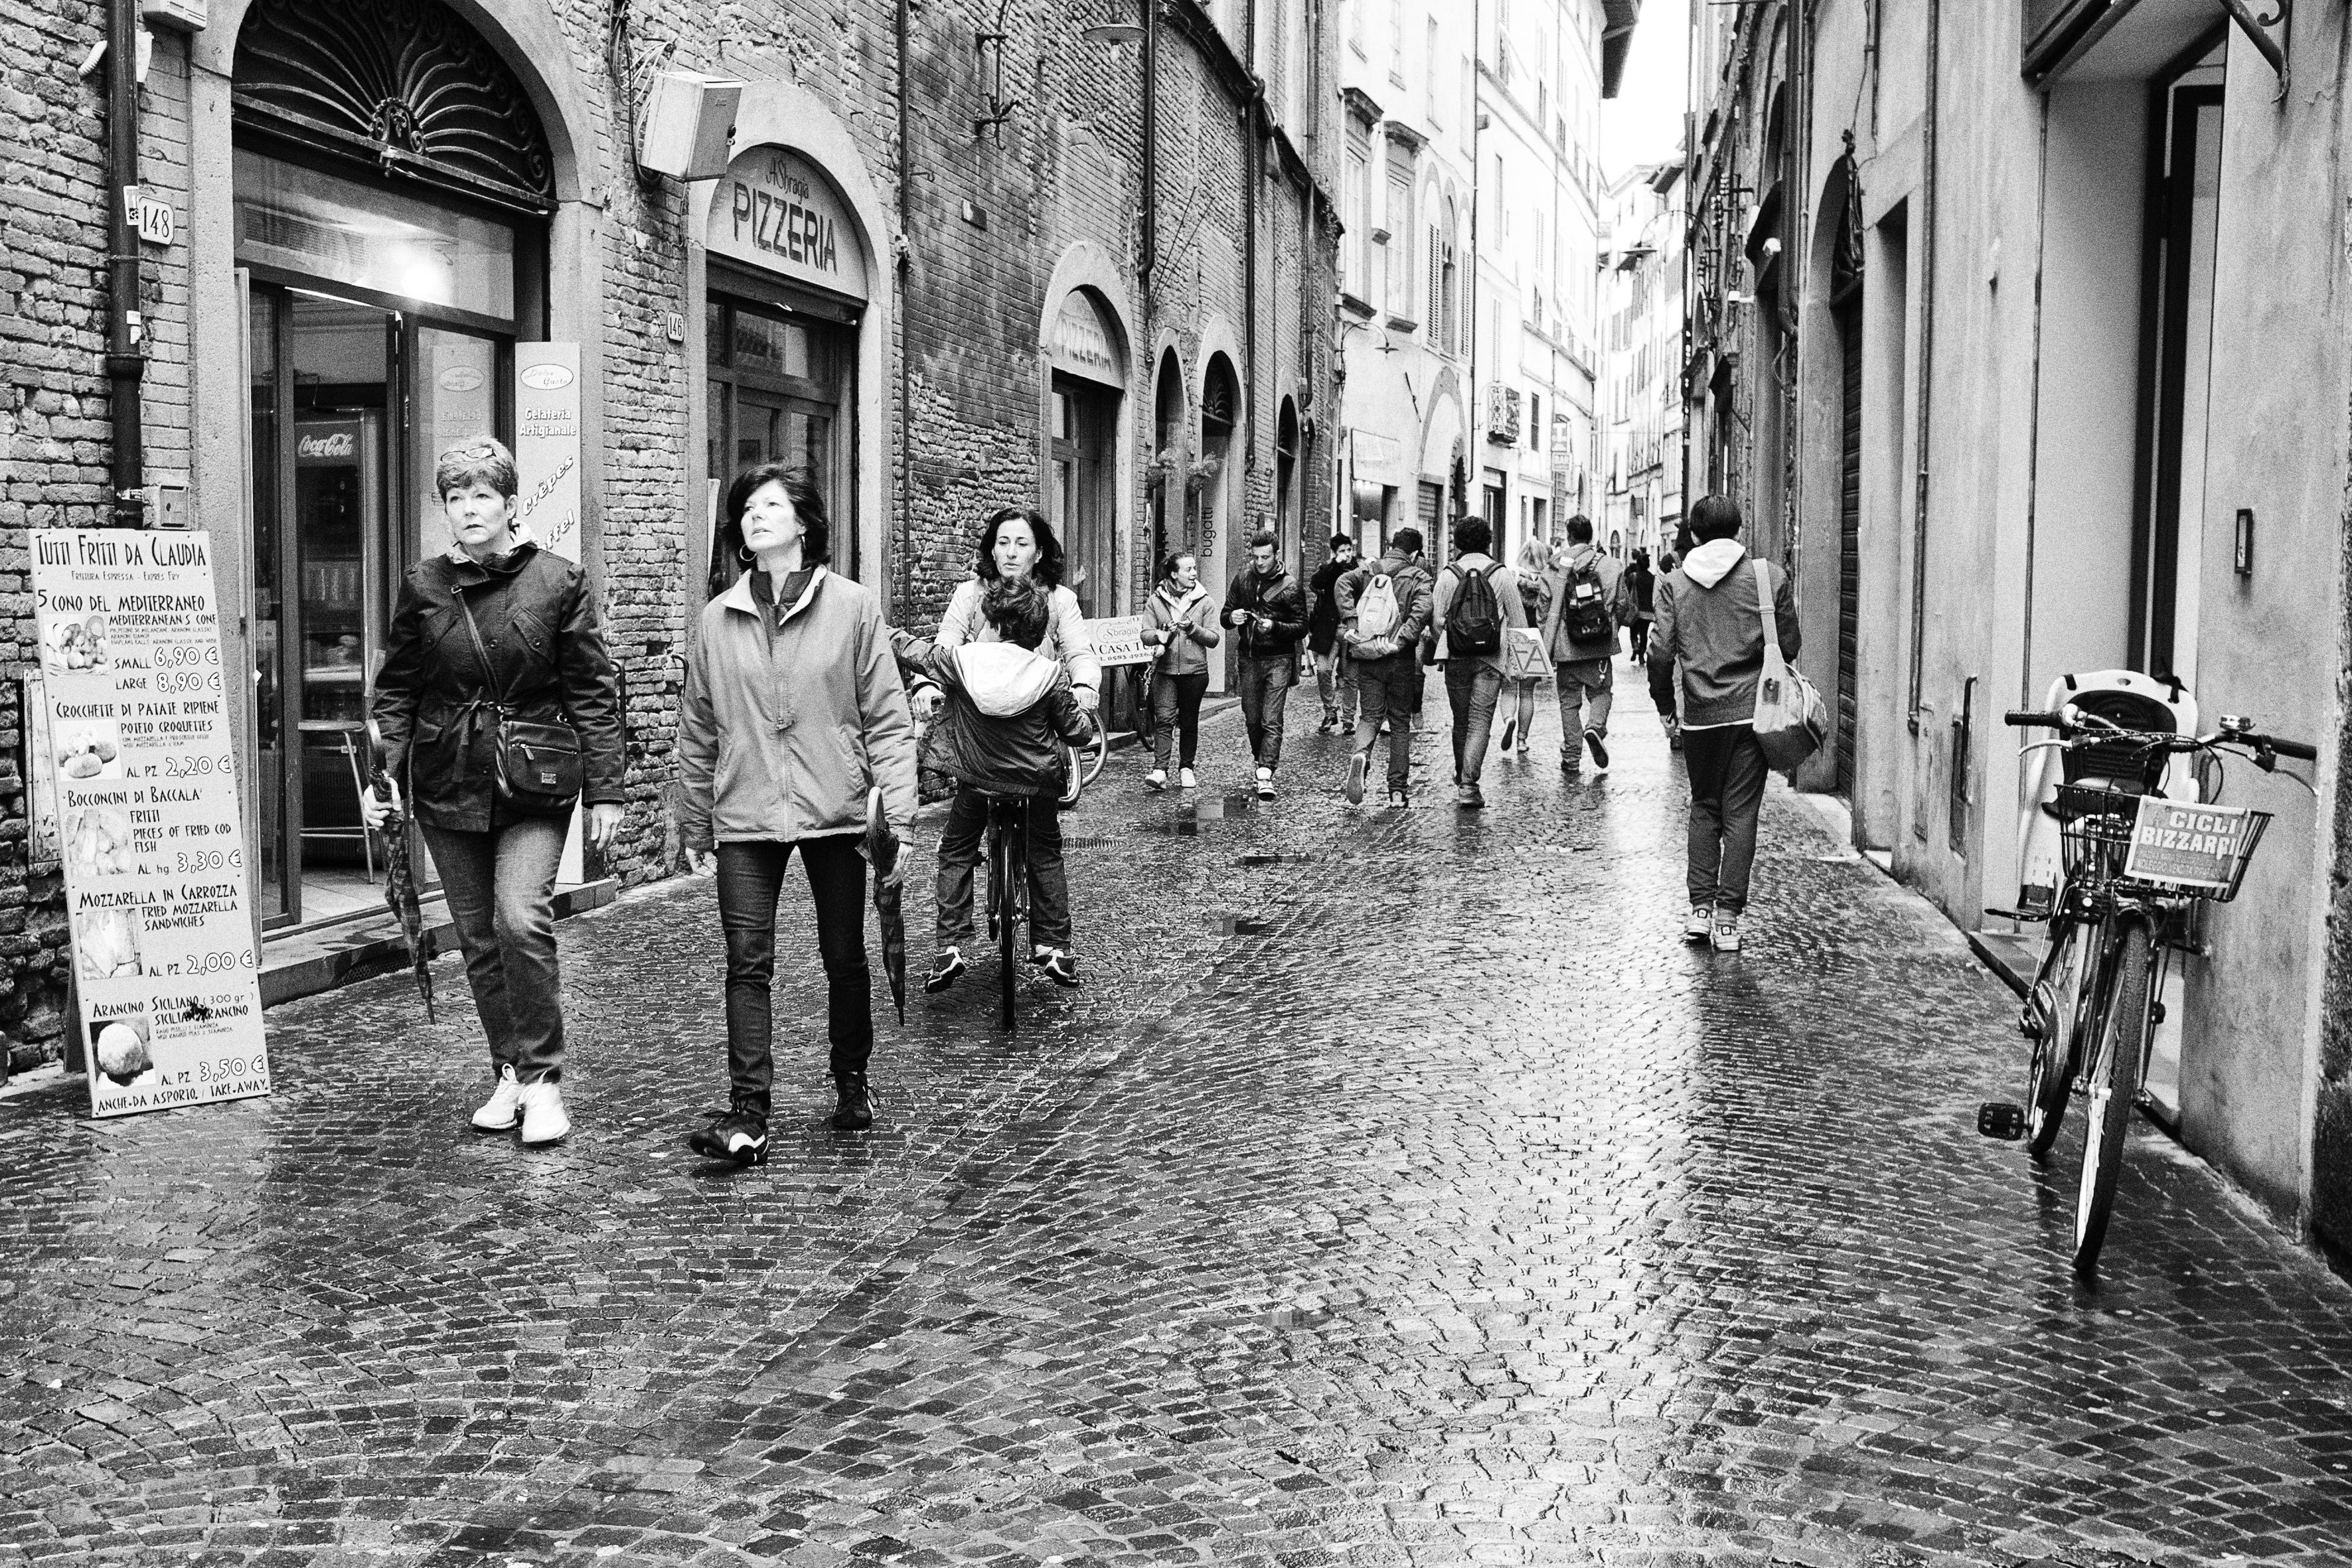 Отражение людей, метро, чб, черно-белое | Черно белое, Люди | 2362x3543